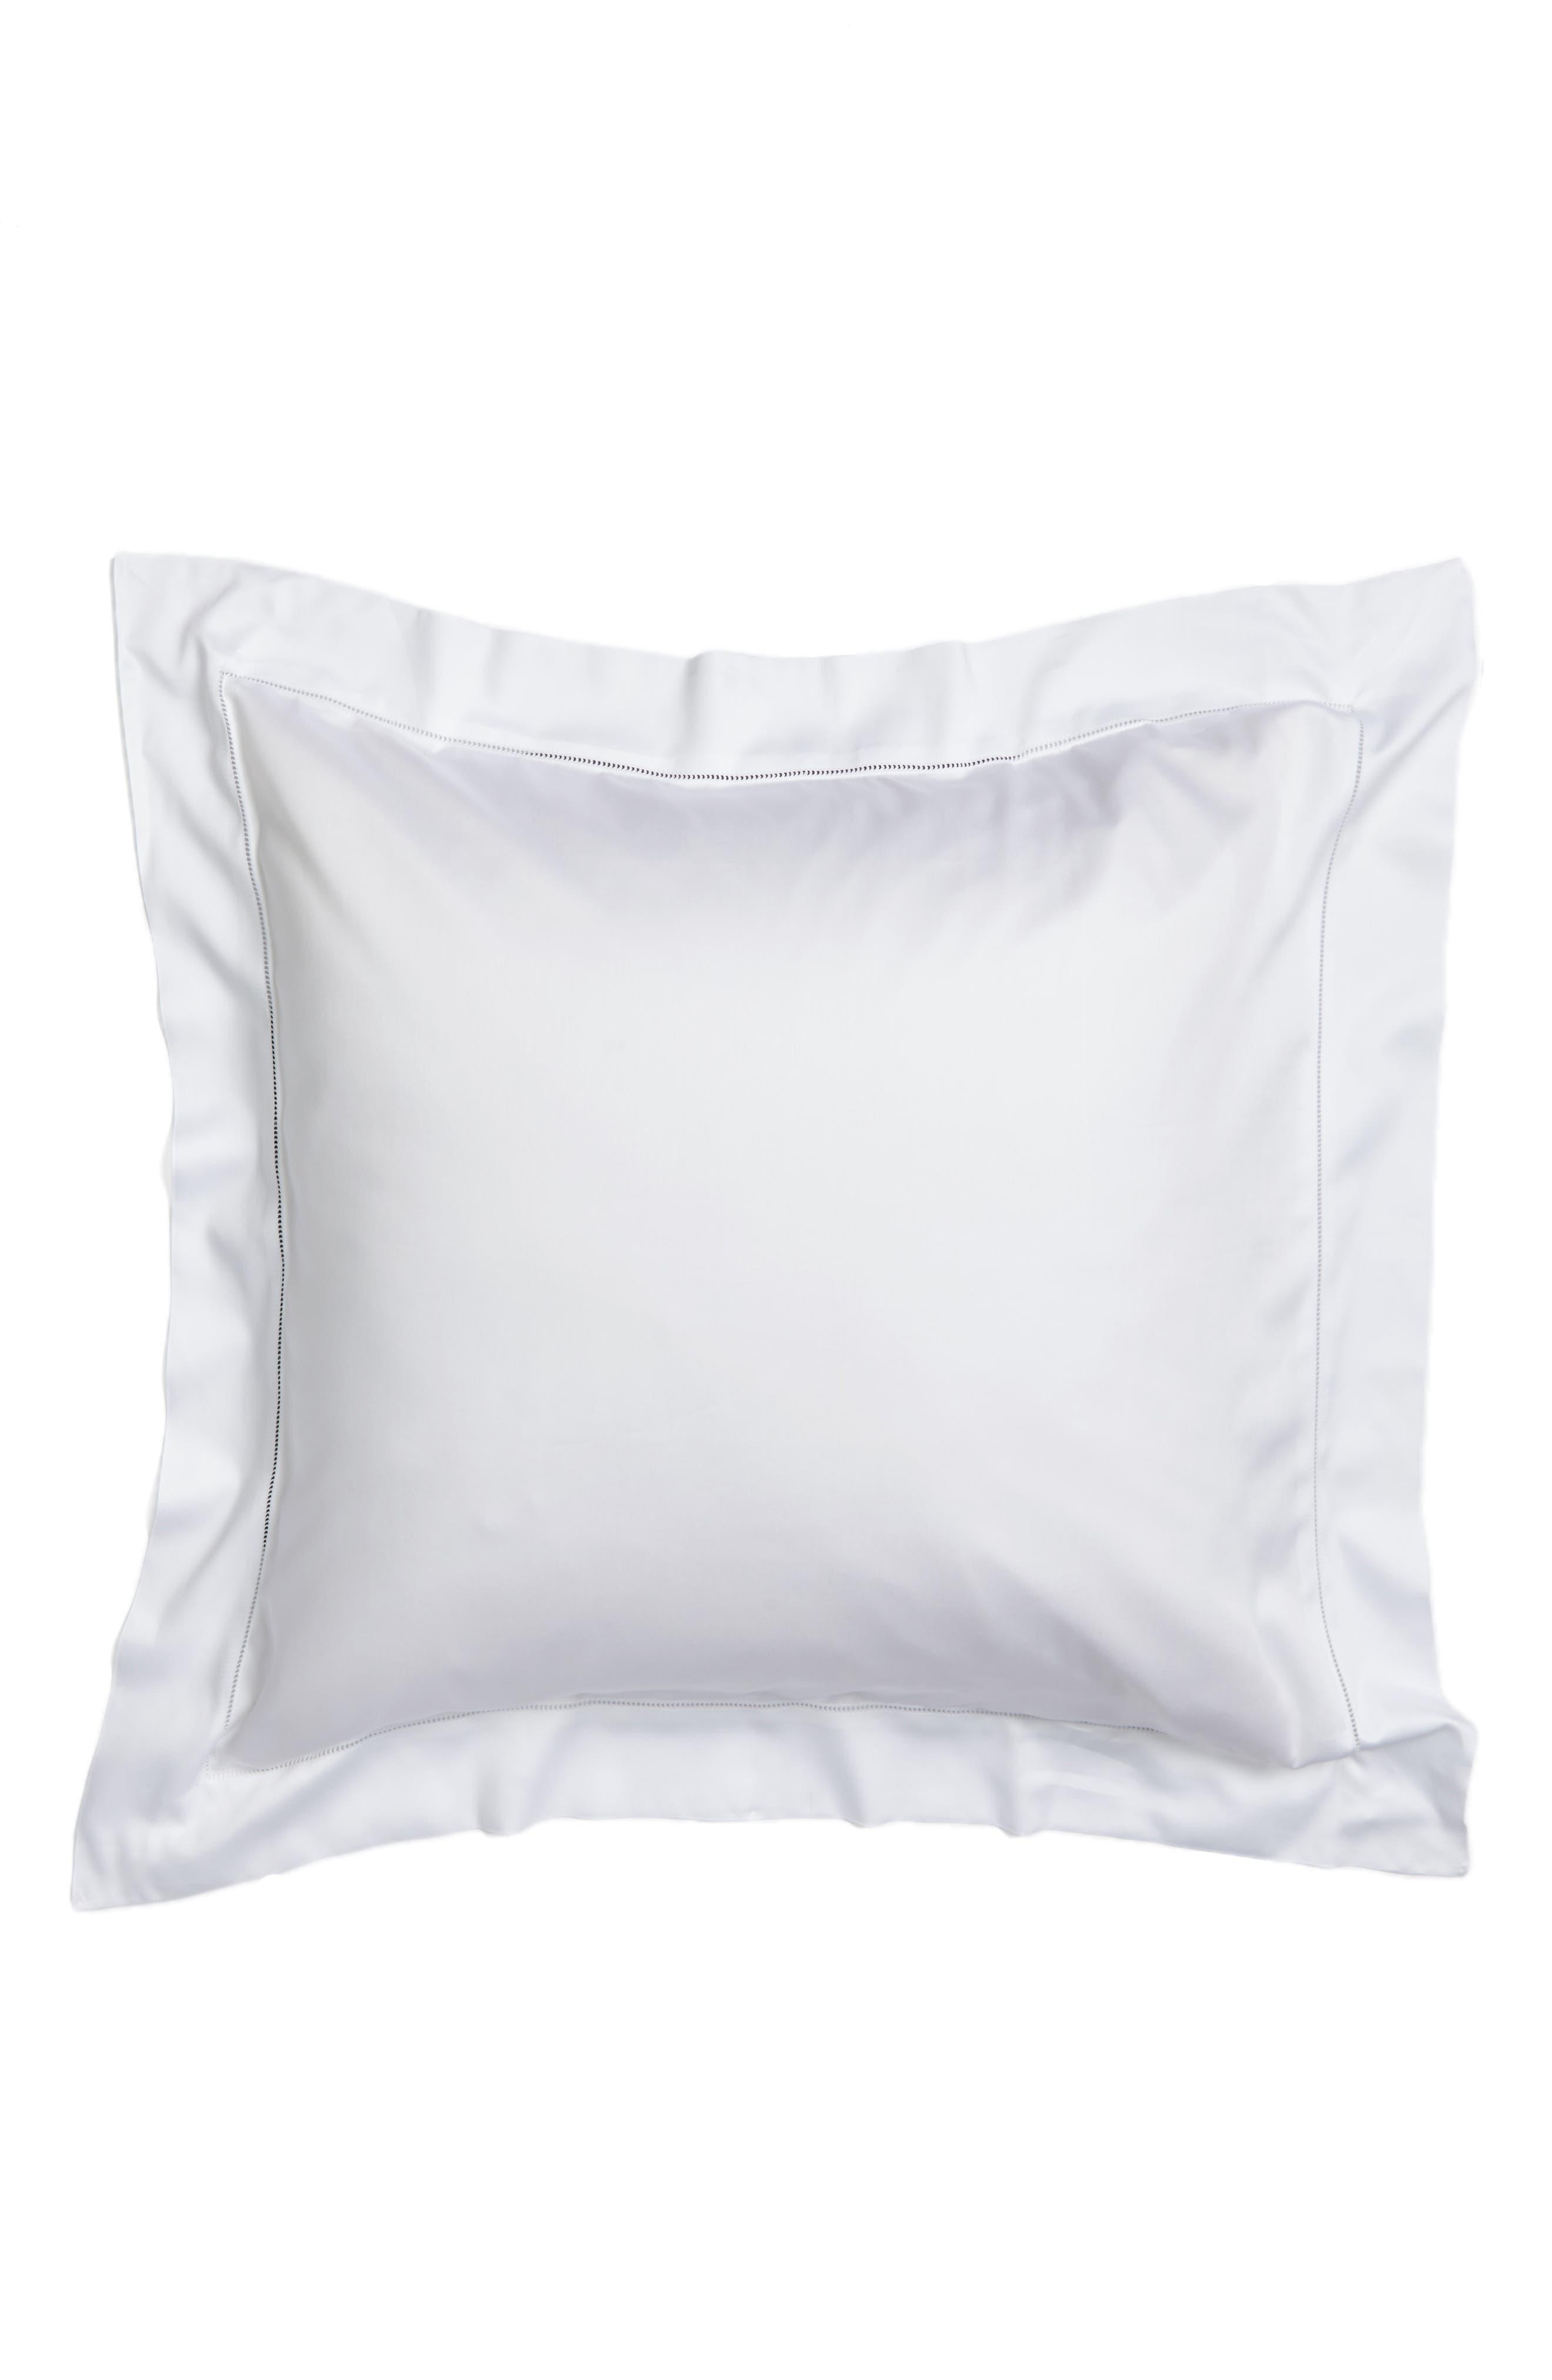 Milos Euro Sham,                         Main,                         color, White